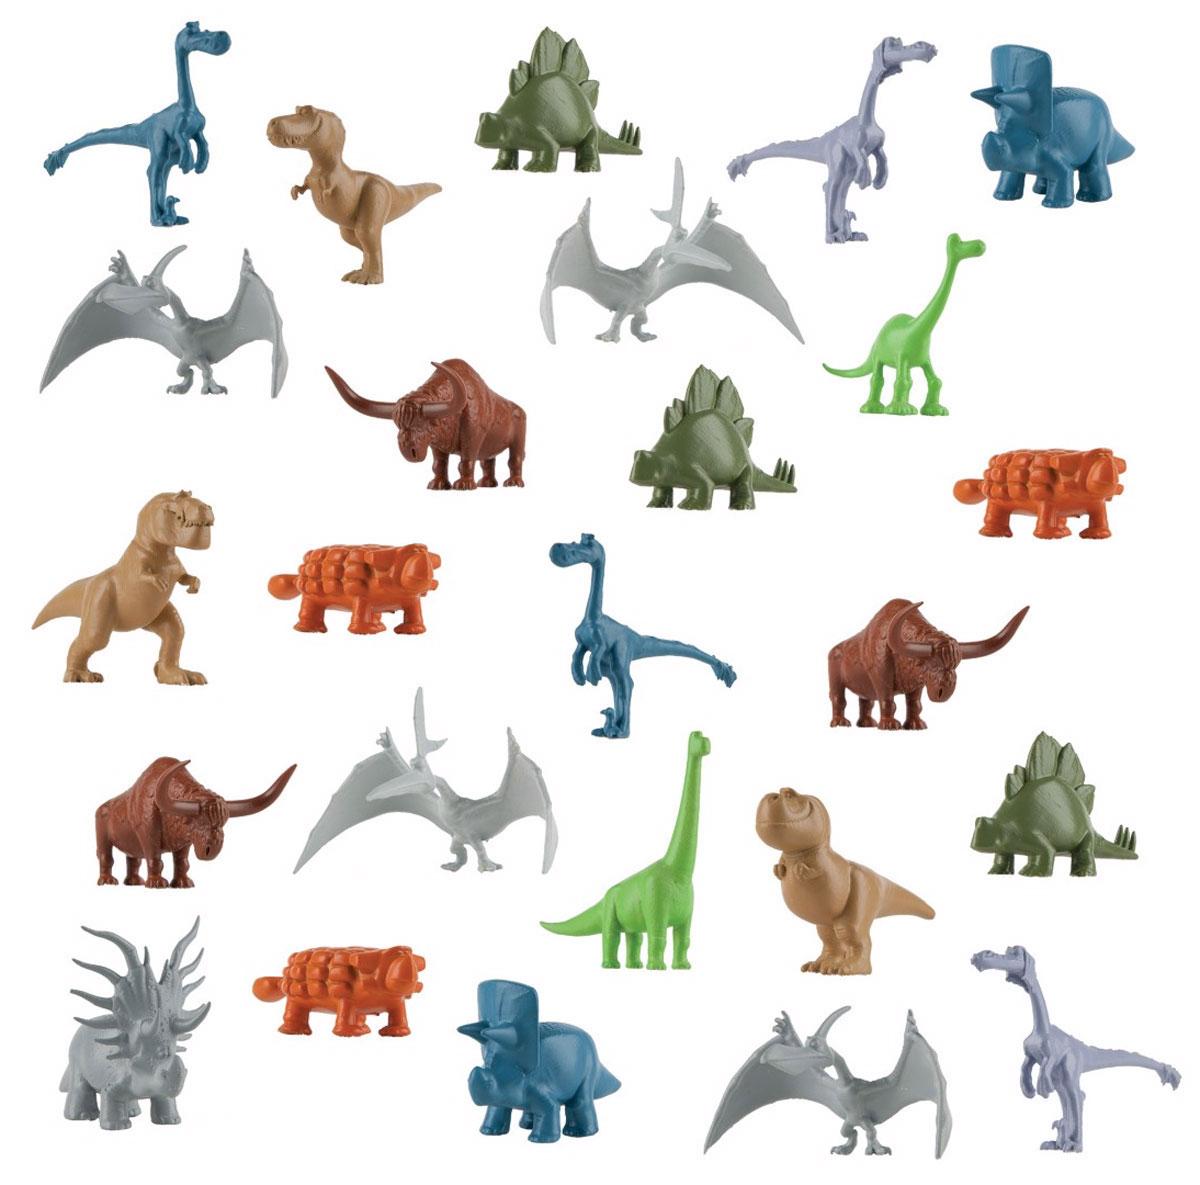 Хороший динозавр Набор фигурок 25 шт62321Набор фигурок Хороший динозавр включает 25 фигурок, среди которых присутствуют все ключевые персонажи известного мультфильма. Изделия выполнены из абсолютно безопасного материала. В комплекте тираннозавры, рапторы, птерозавры, трицератопсы, анкилозавры, апатозавры и даже длиннорогие быки. С набором маленьких динозавриков ребенок сможет фантазировать, творить и придумывать истории. Разыграйте сцены из фильма, создайте свой собственный мир динозавров! Ваш ребенок будет часами играть с такой игрушкой.